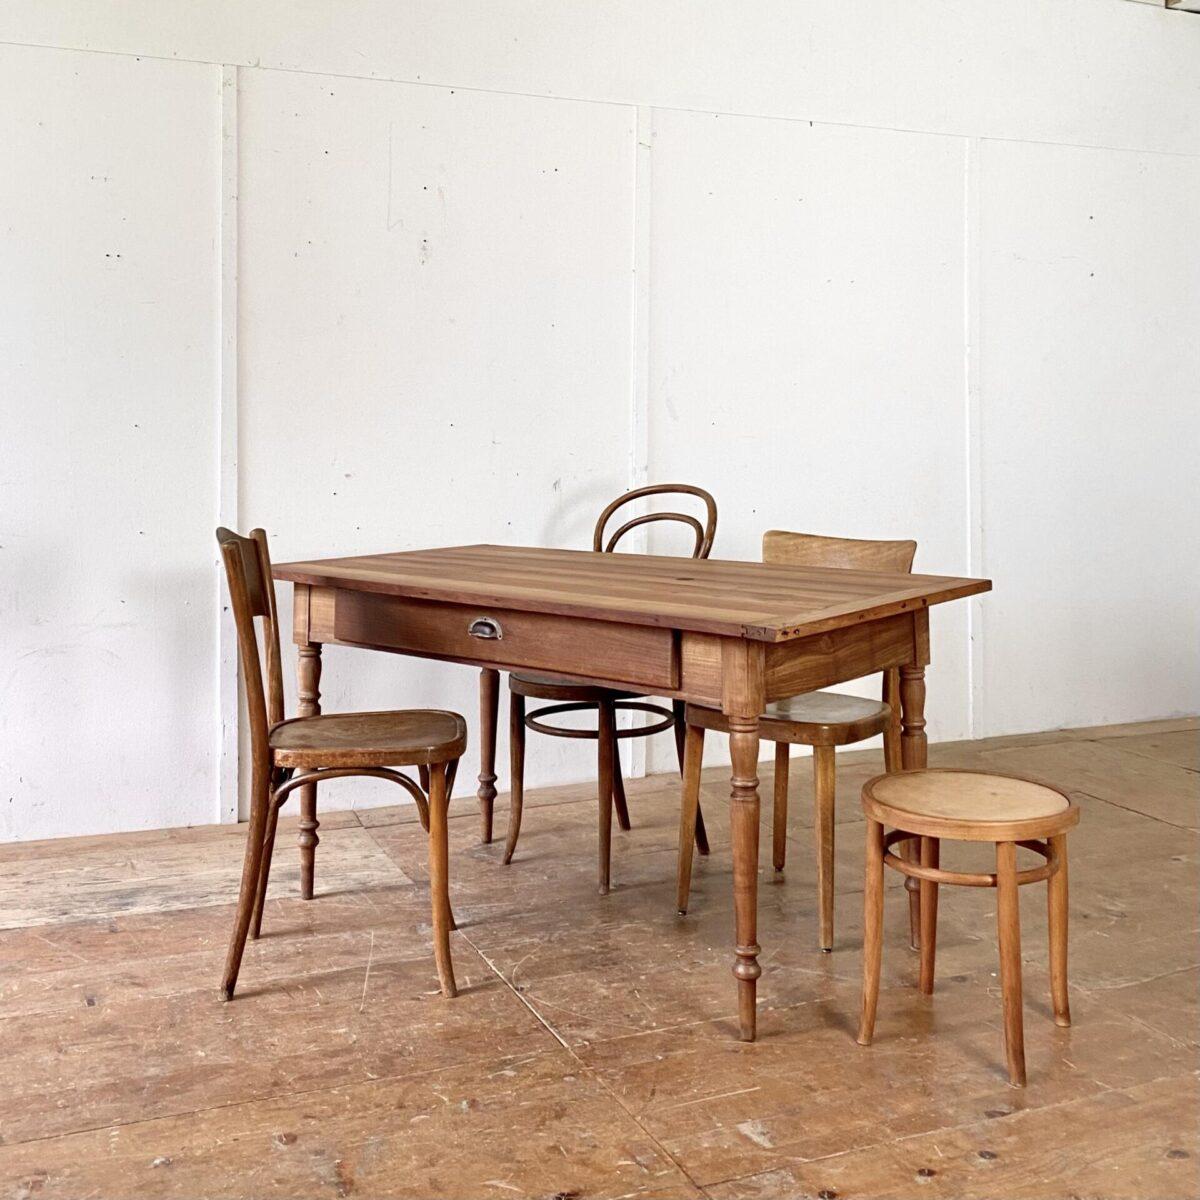 Deuxieme.shop antiker Biedermeiertisch. Kirschbaum Zargentisch mit gedrechselten Beinen und Schublade. 151x80cm Höhe 76cm. Das Tischblatt hat diverse offene Fugen und ein Brandfleck, alles in stabilem leicht überarbeiteten Zustand. An dem Tisch finden angenehm 6 Personen Platz.